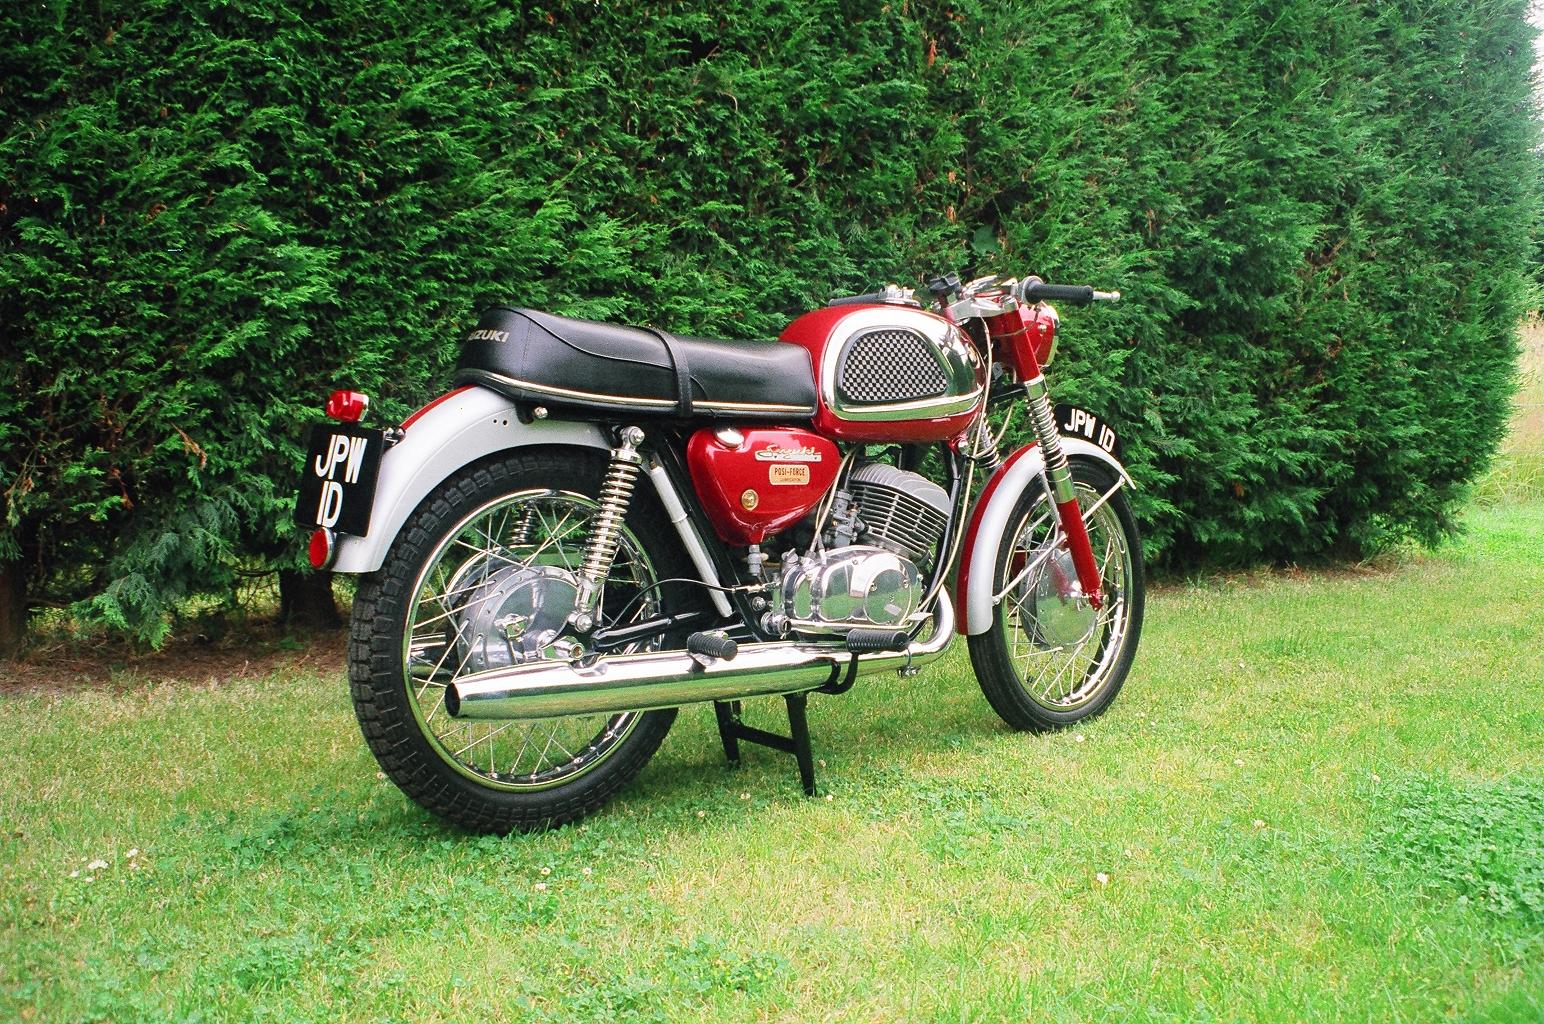 2016 Harley Davidson >> 1966 Suzuki T20 – Flatlands Cycle Works